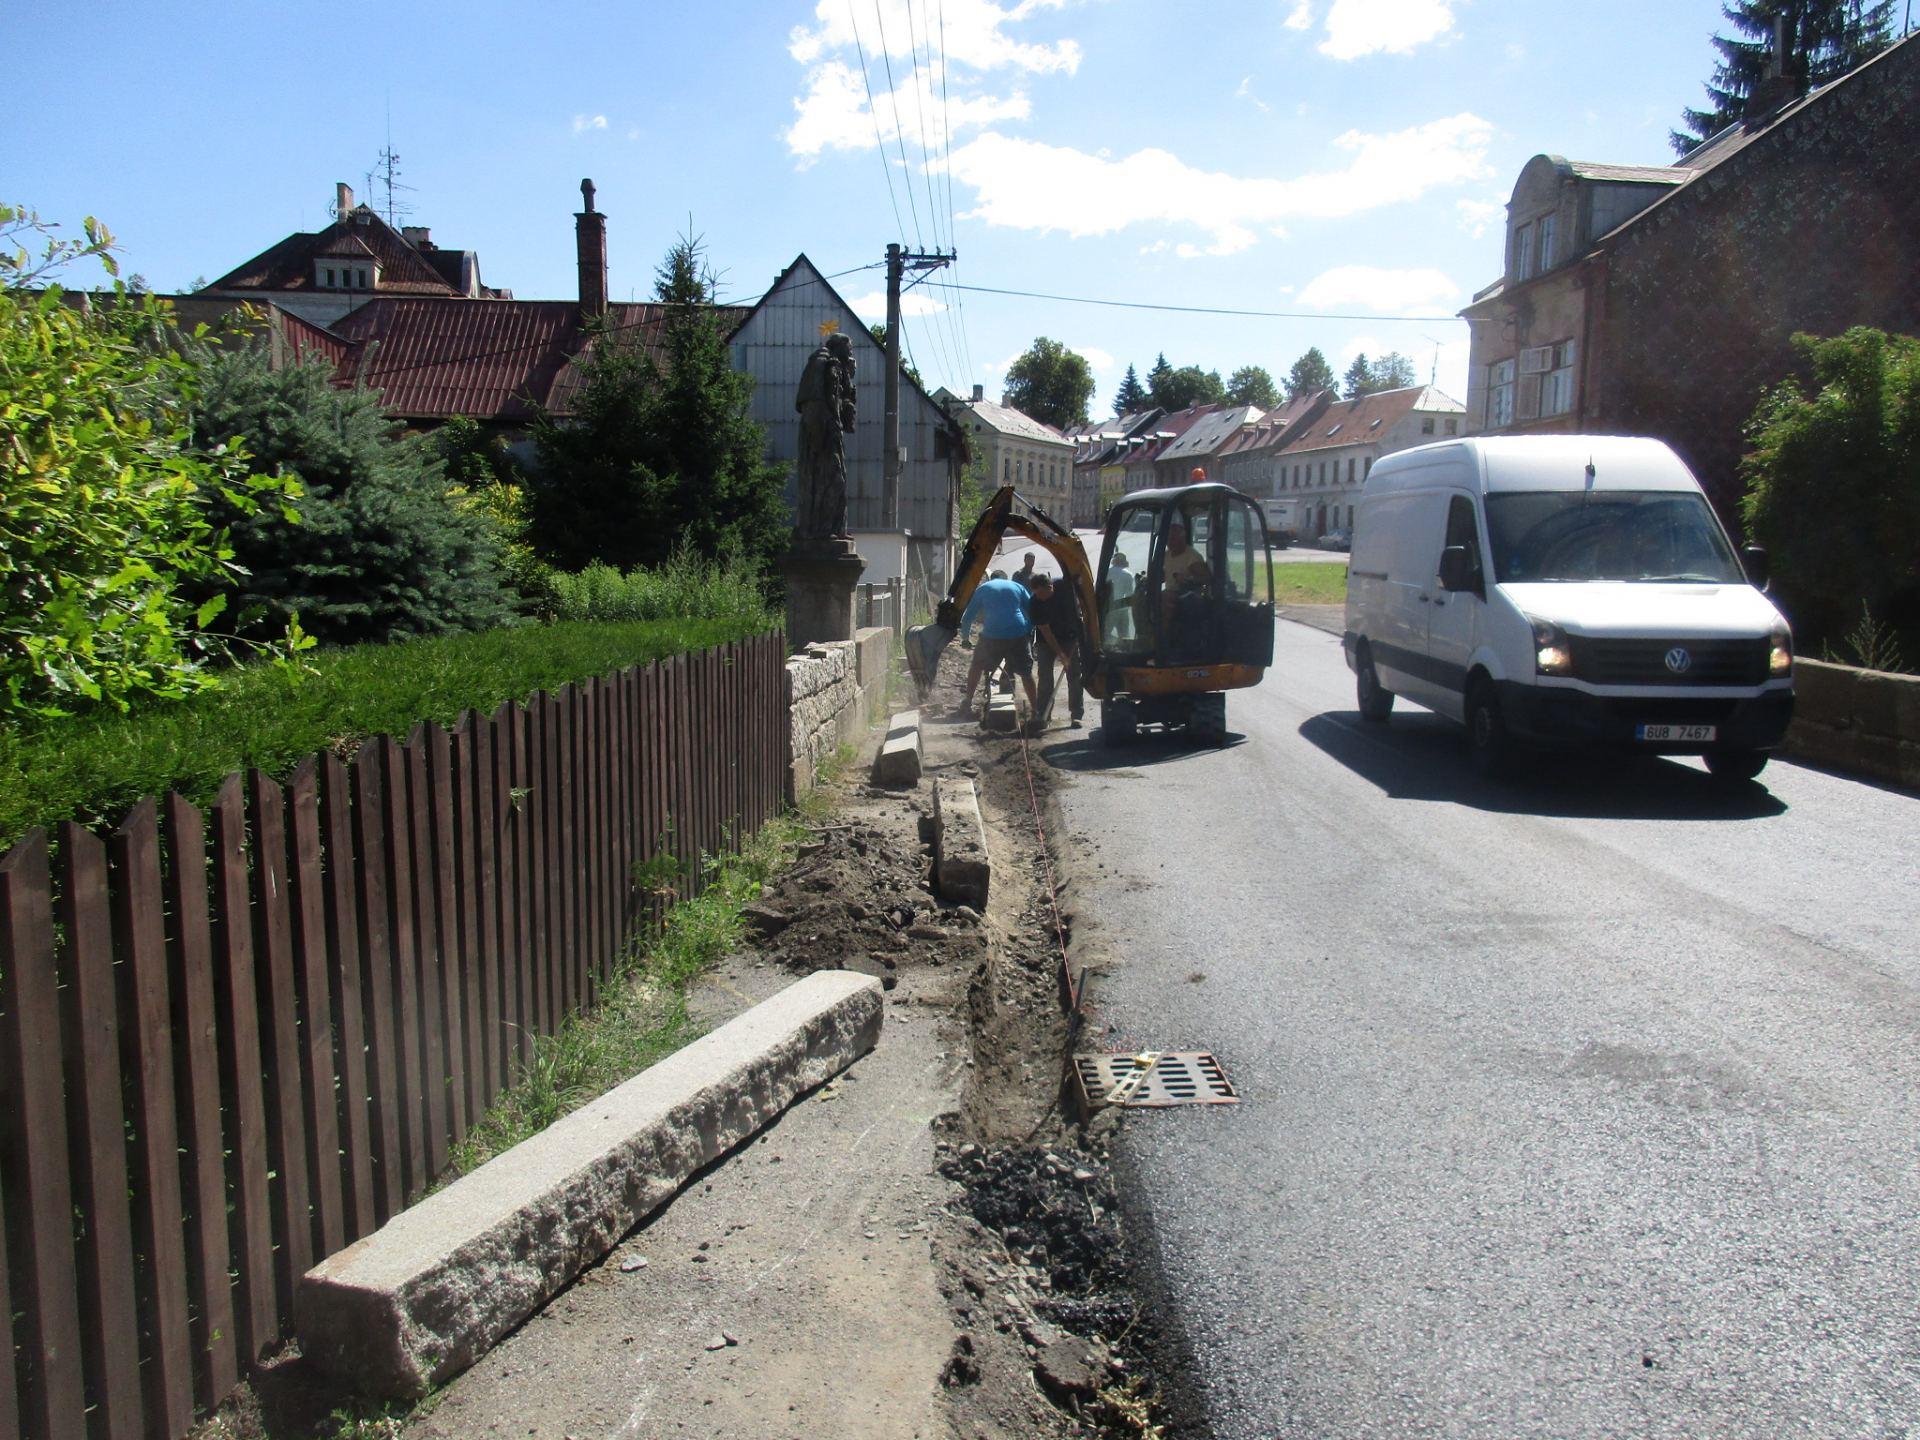 pokládka obrubníku rozšířeného chodníku